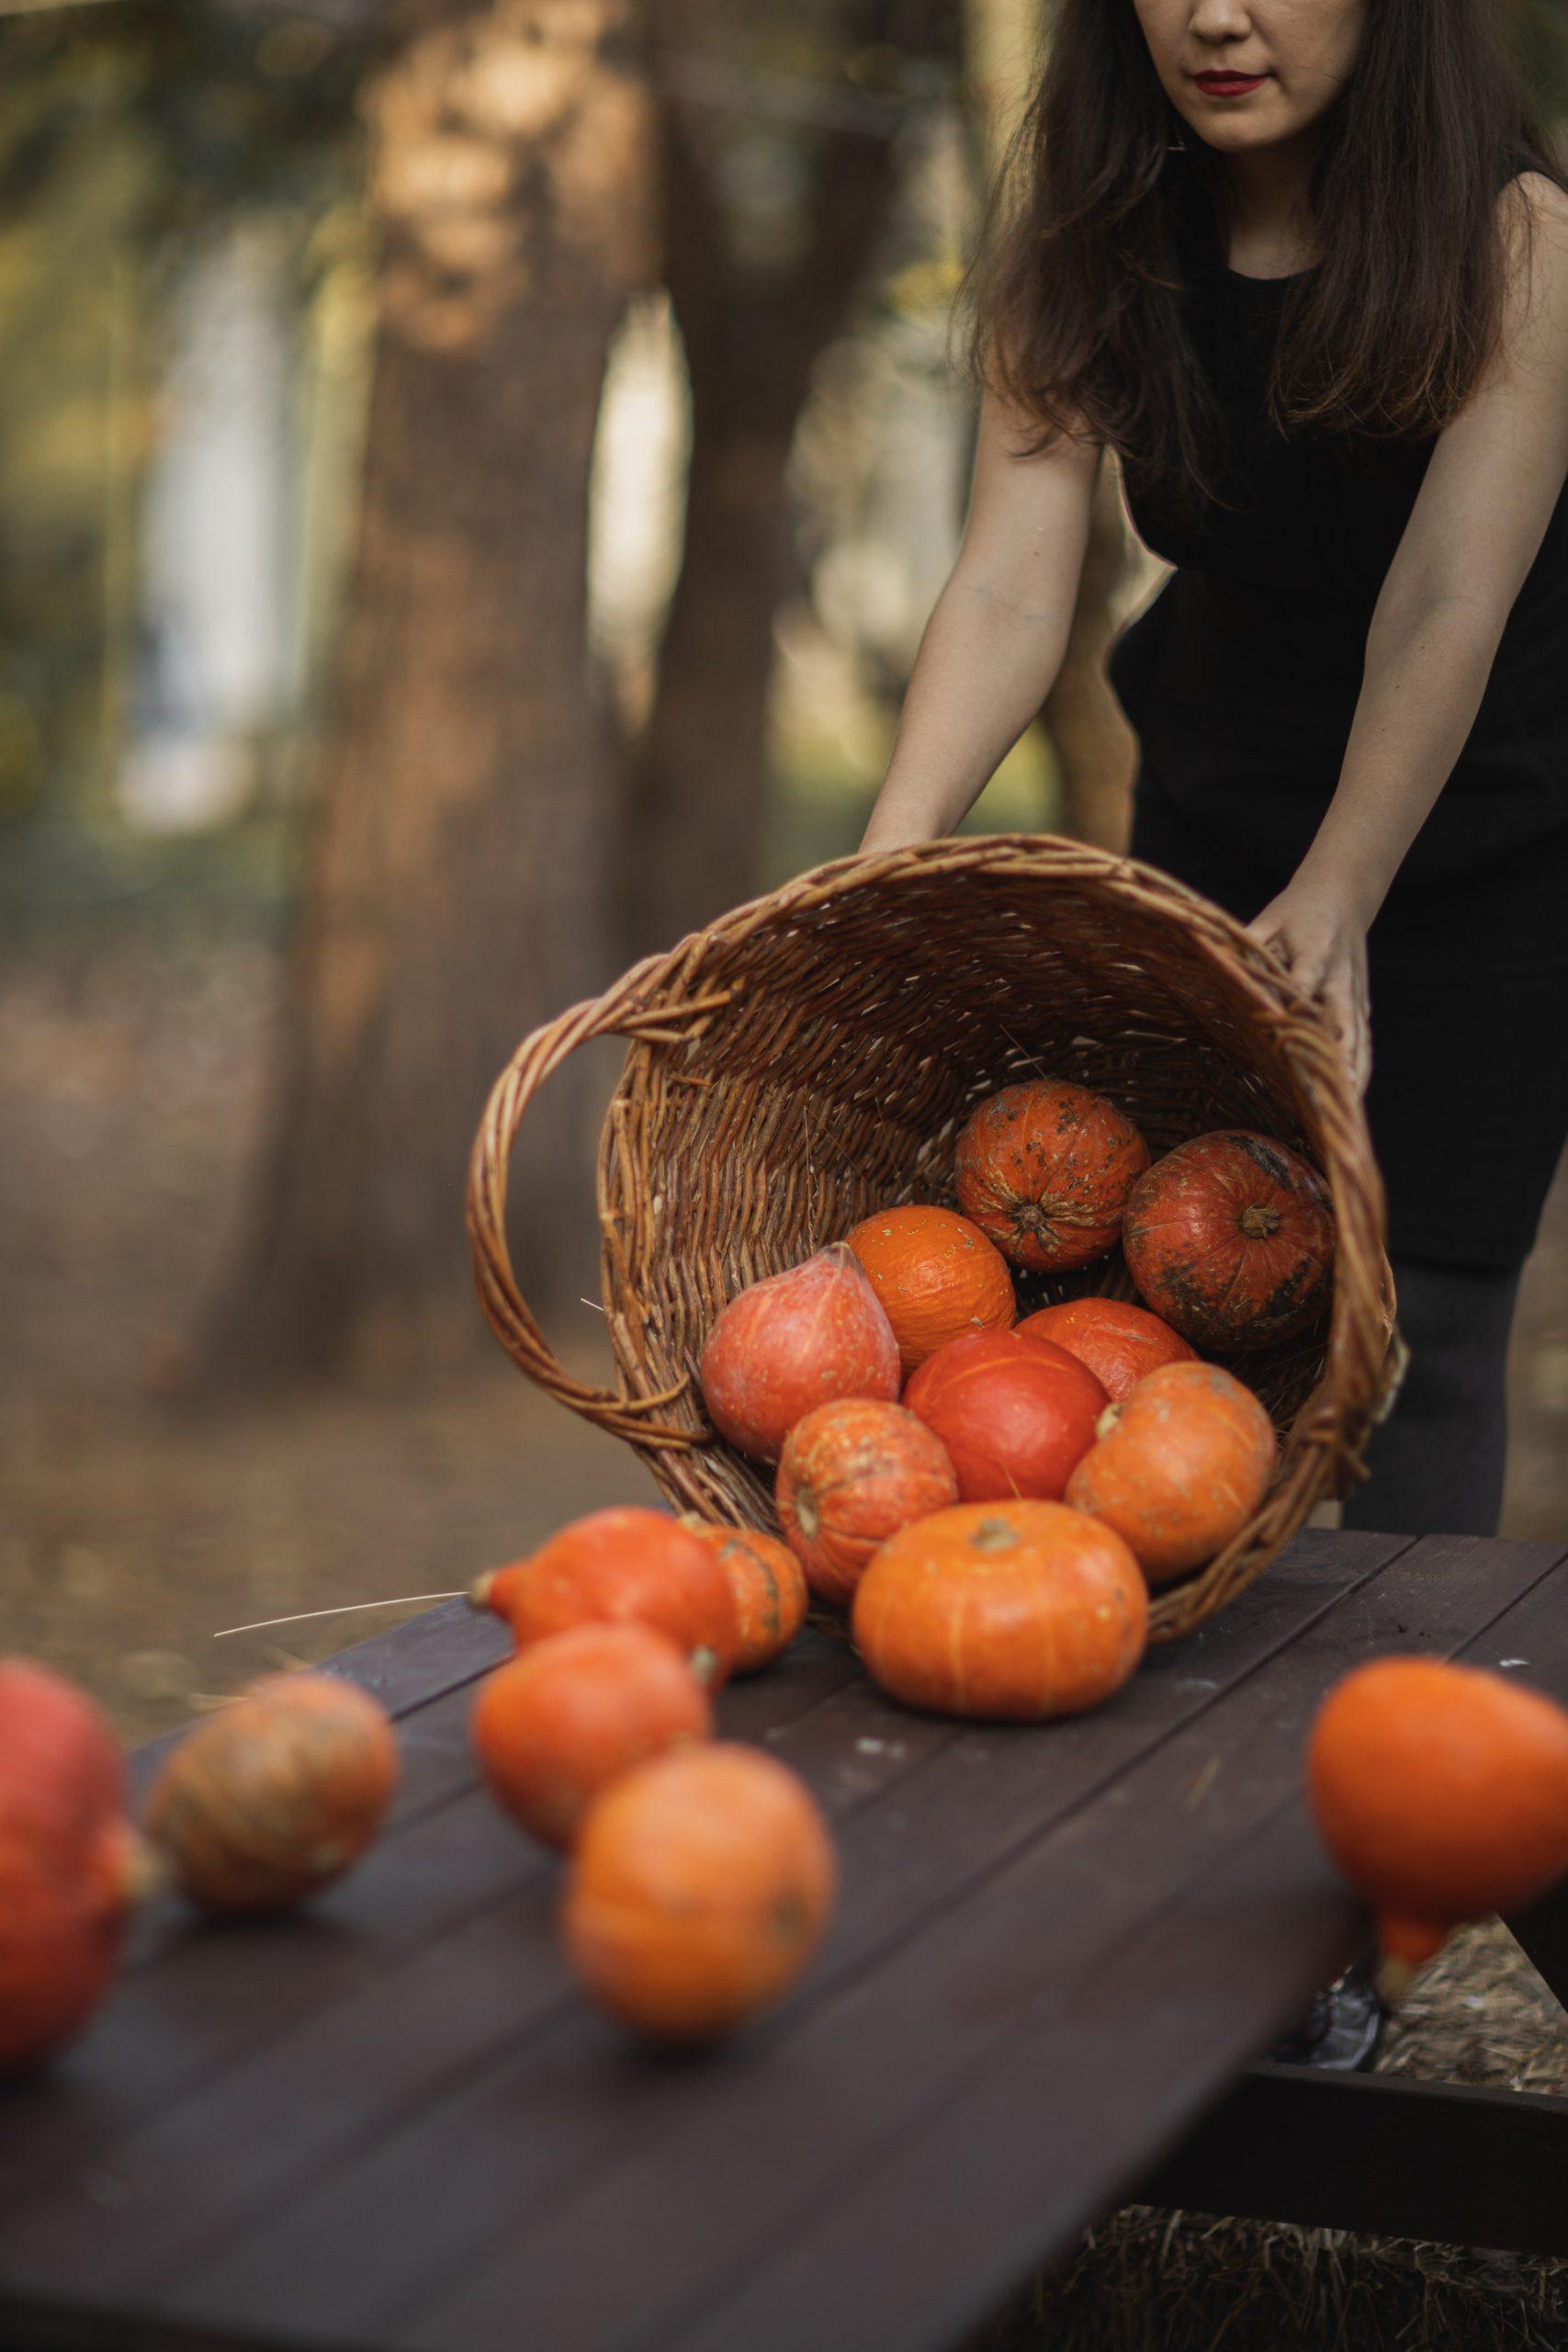 Photo of Woman Dumping Pumpkins